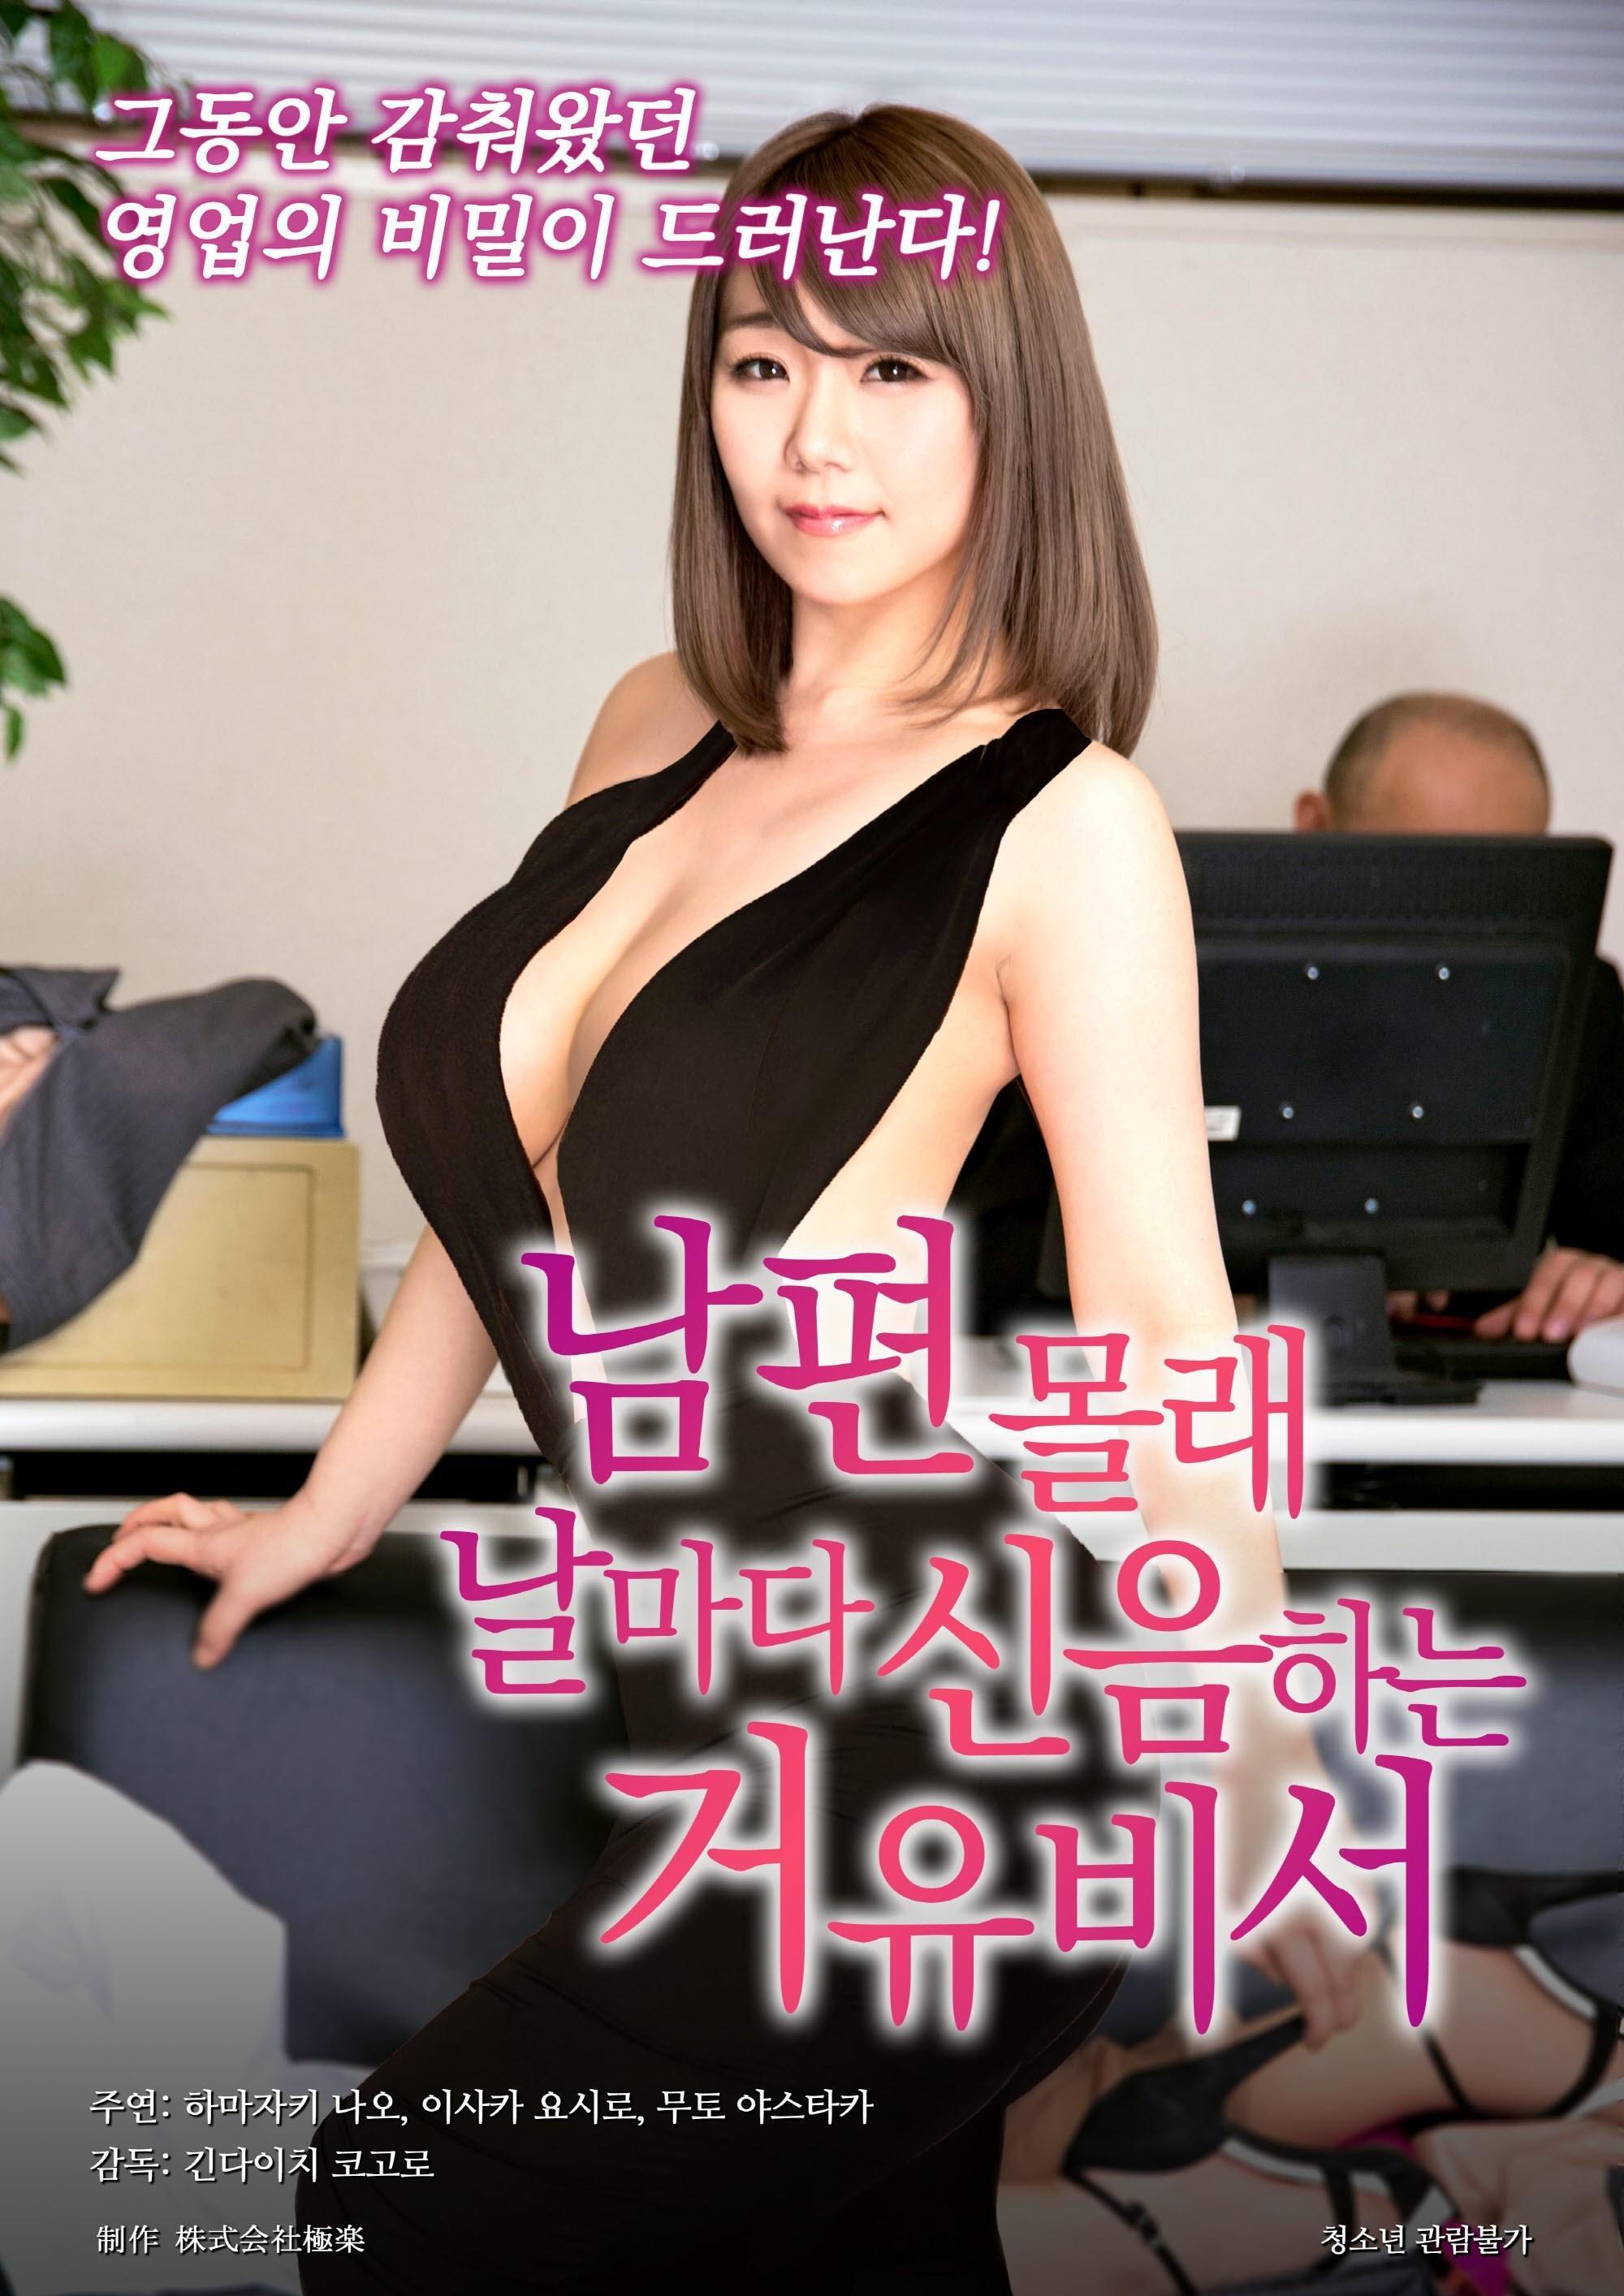 女秘书职位诱惑海报